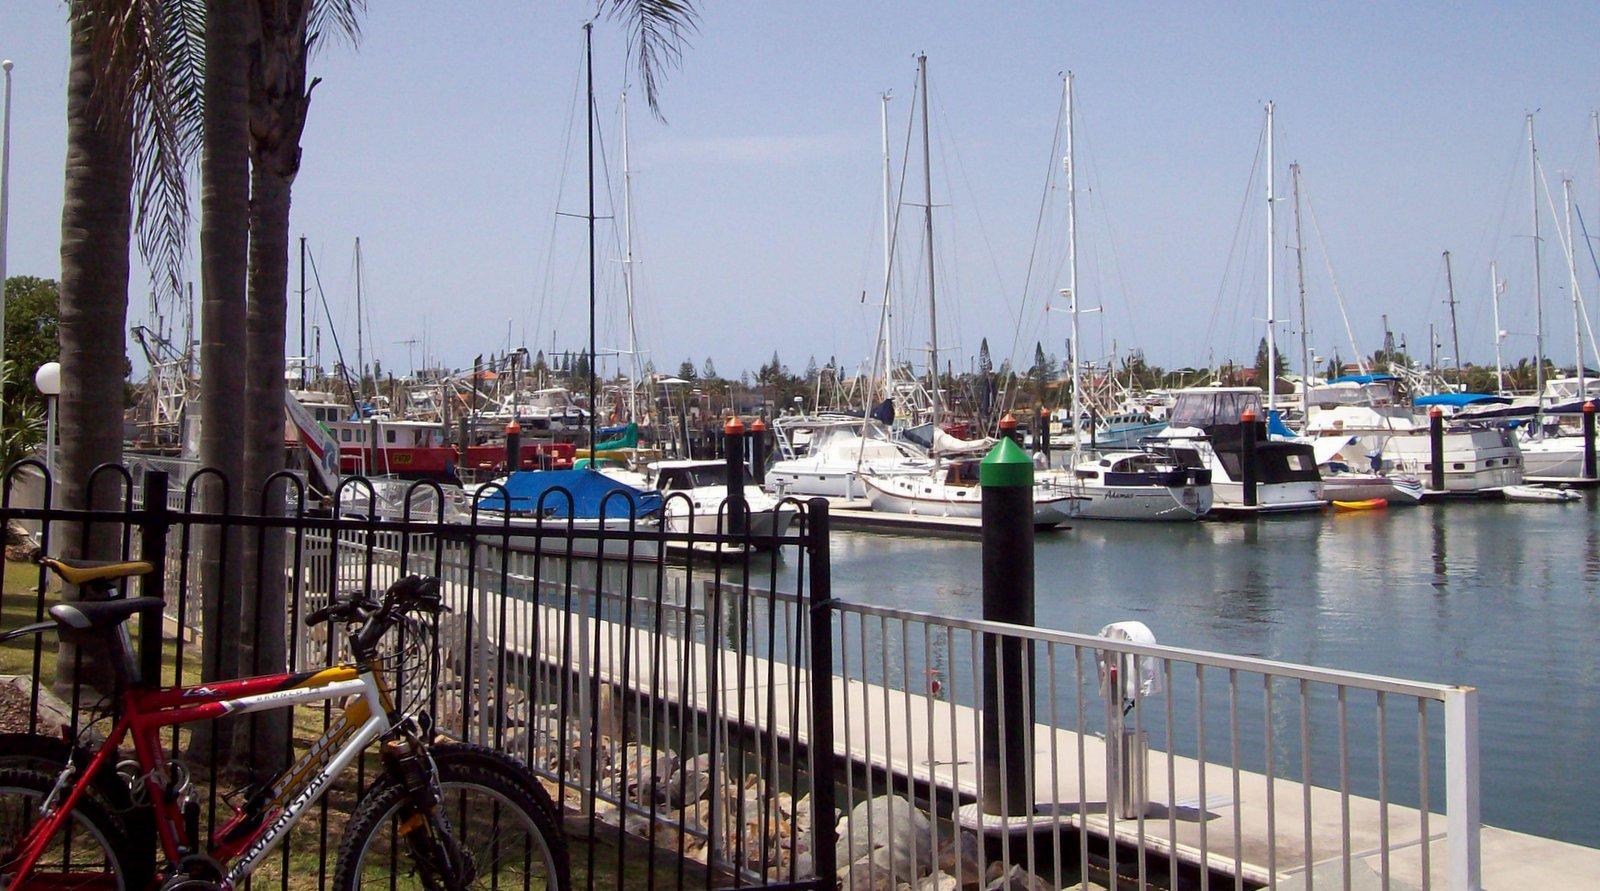 Hafen von Mooloolaba - Queensland